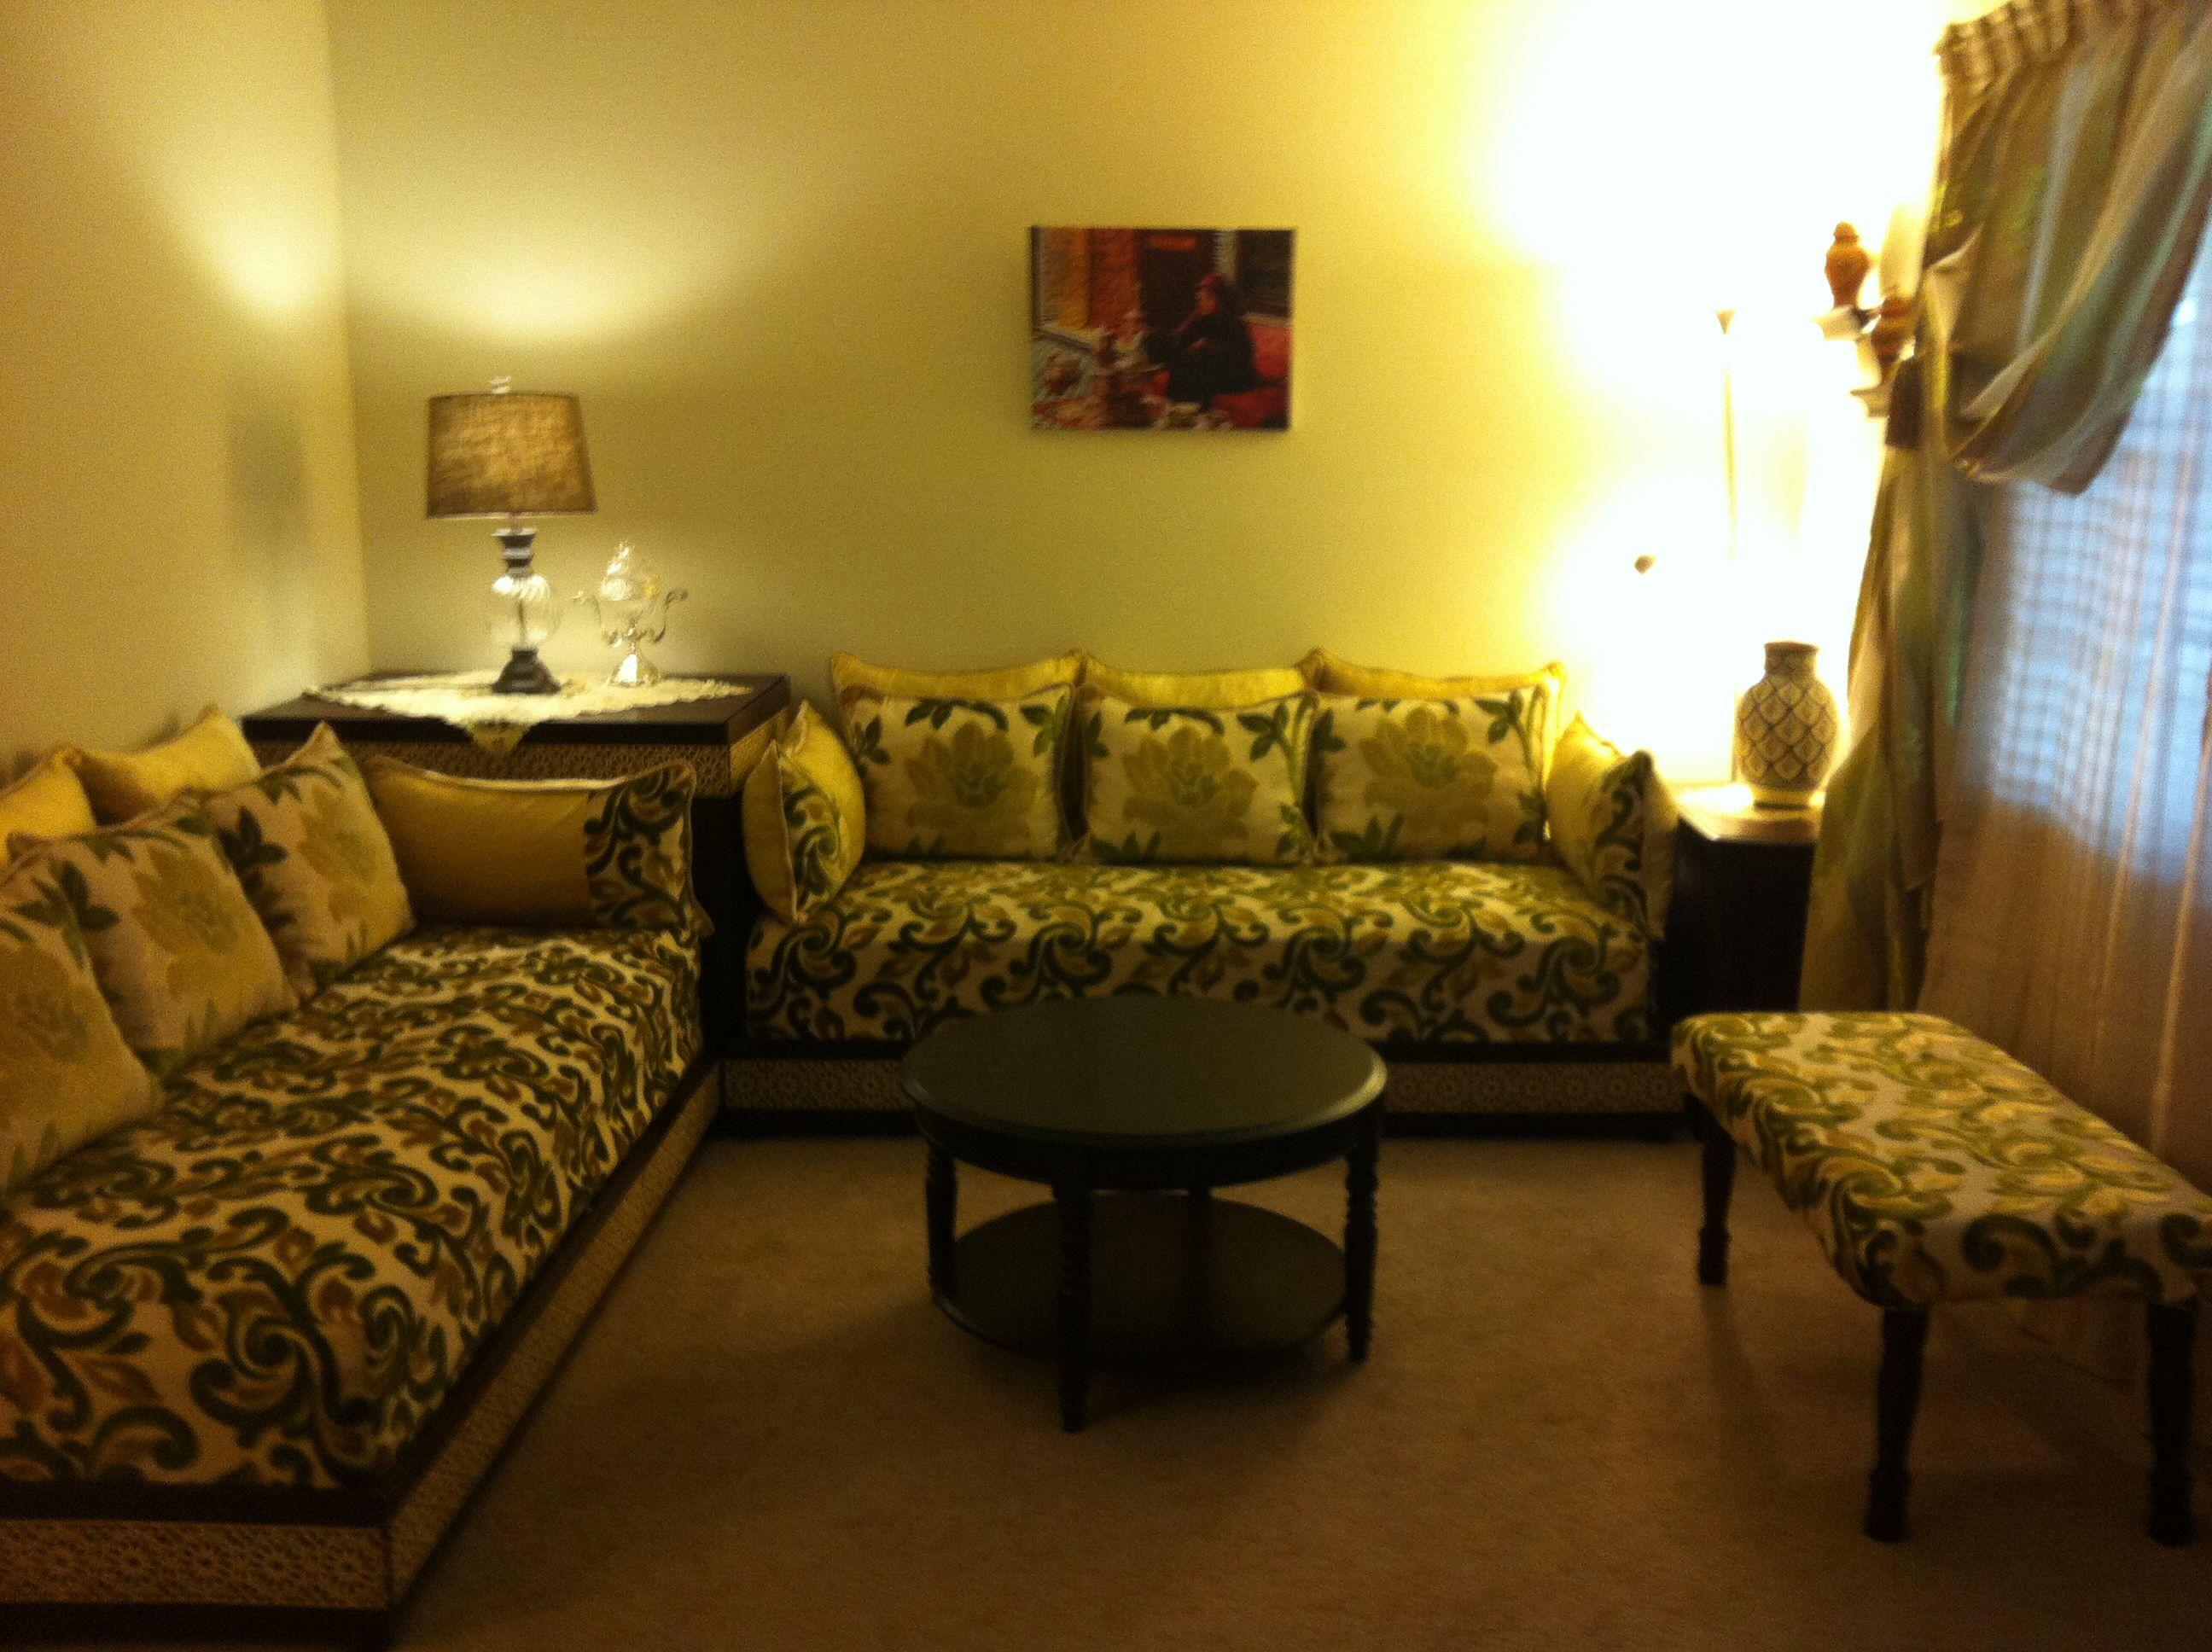 Lovely moroccan salon salon marocain vert jaune dore maron salons marocains moroccan for Salon traditionnel marocain vert